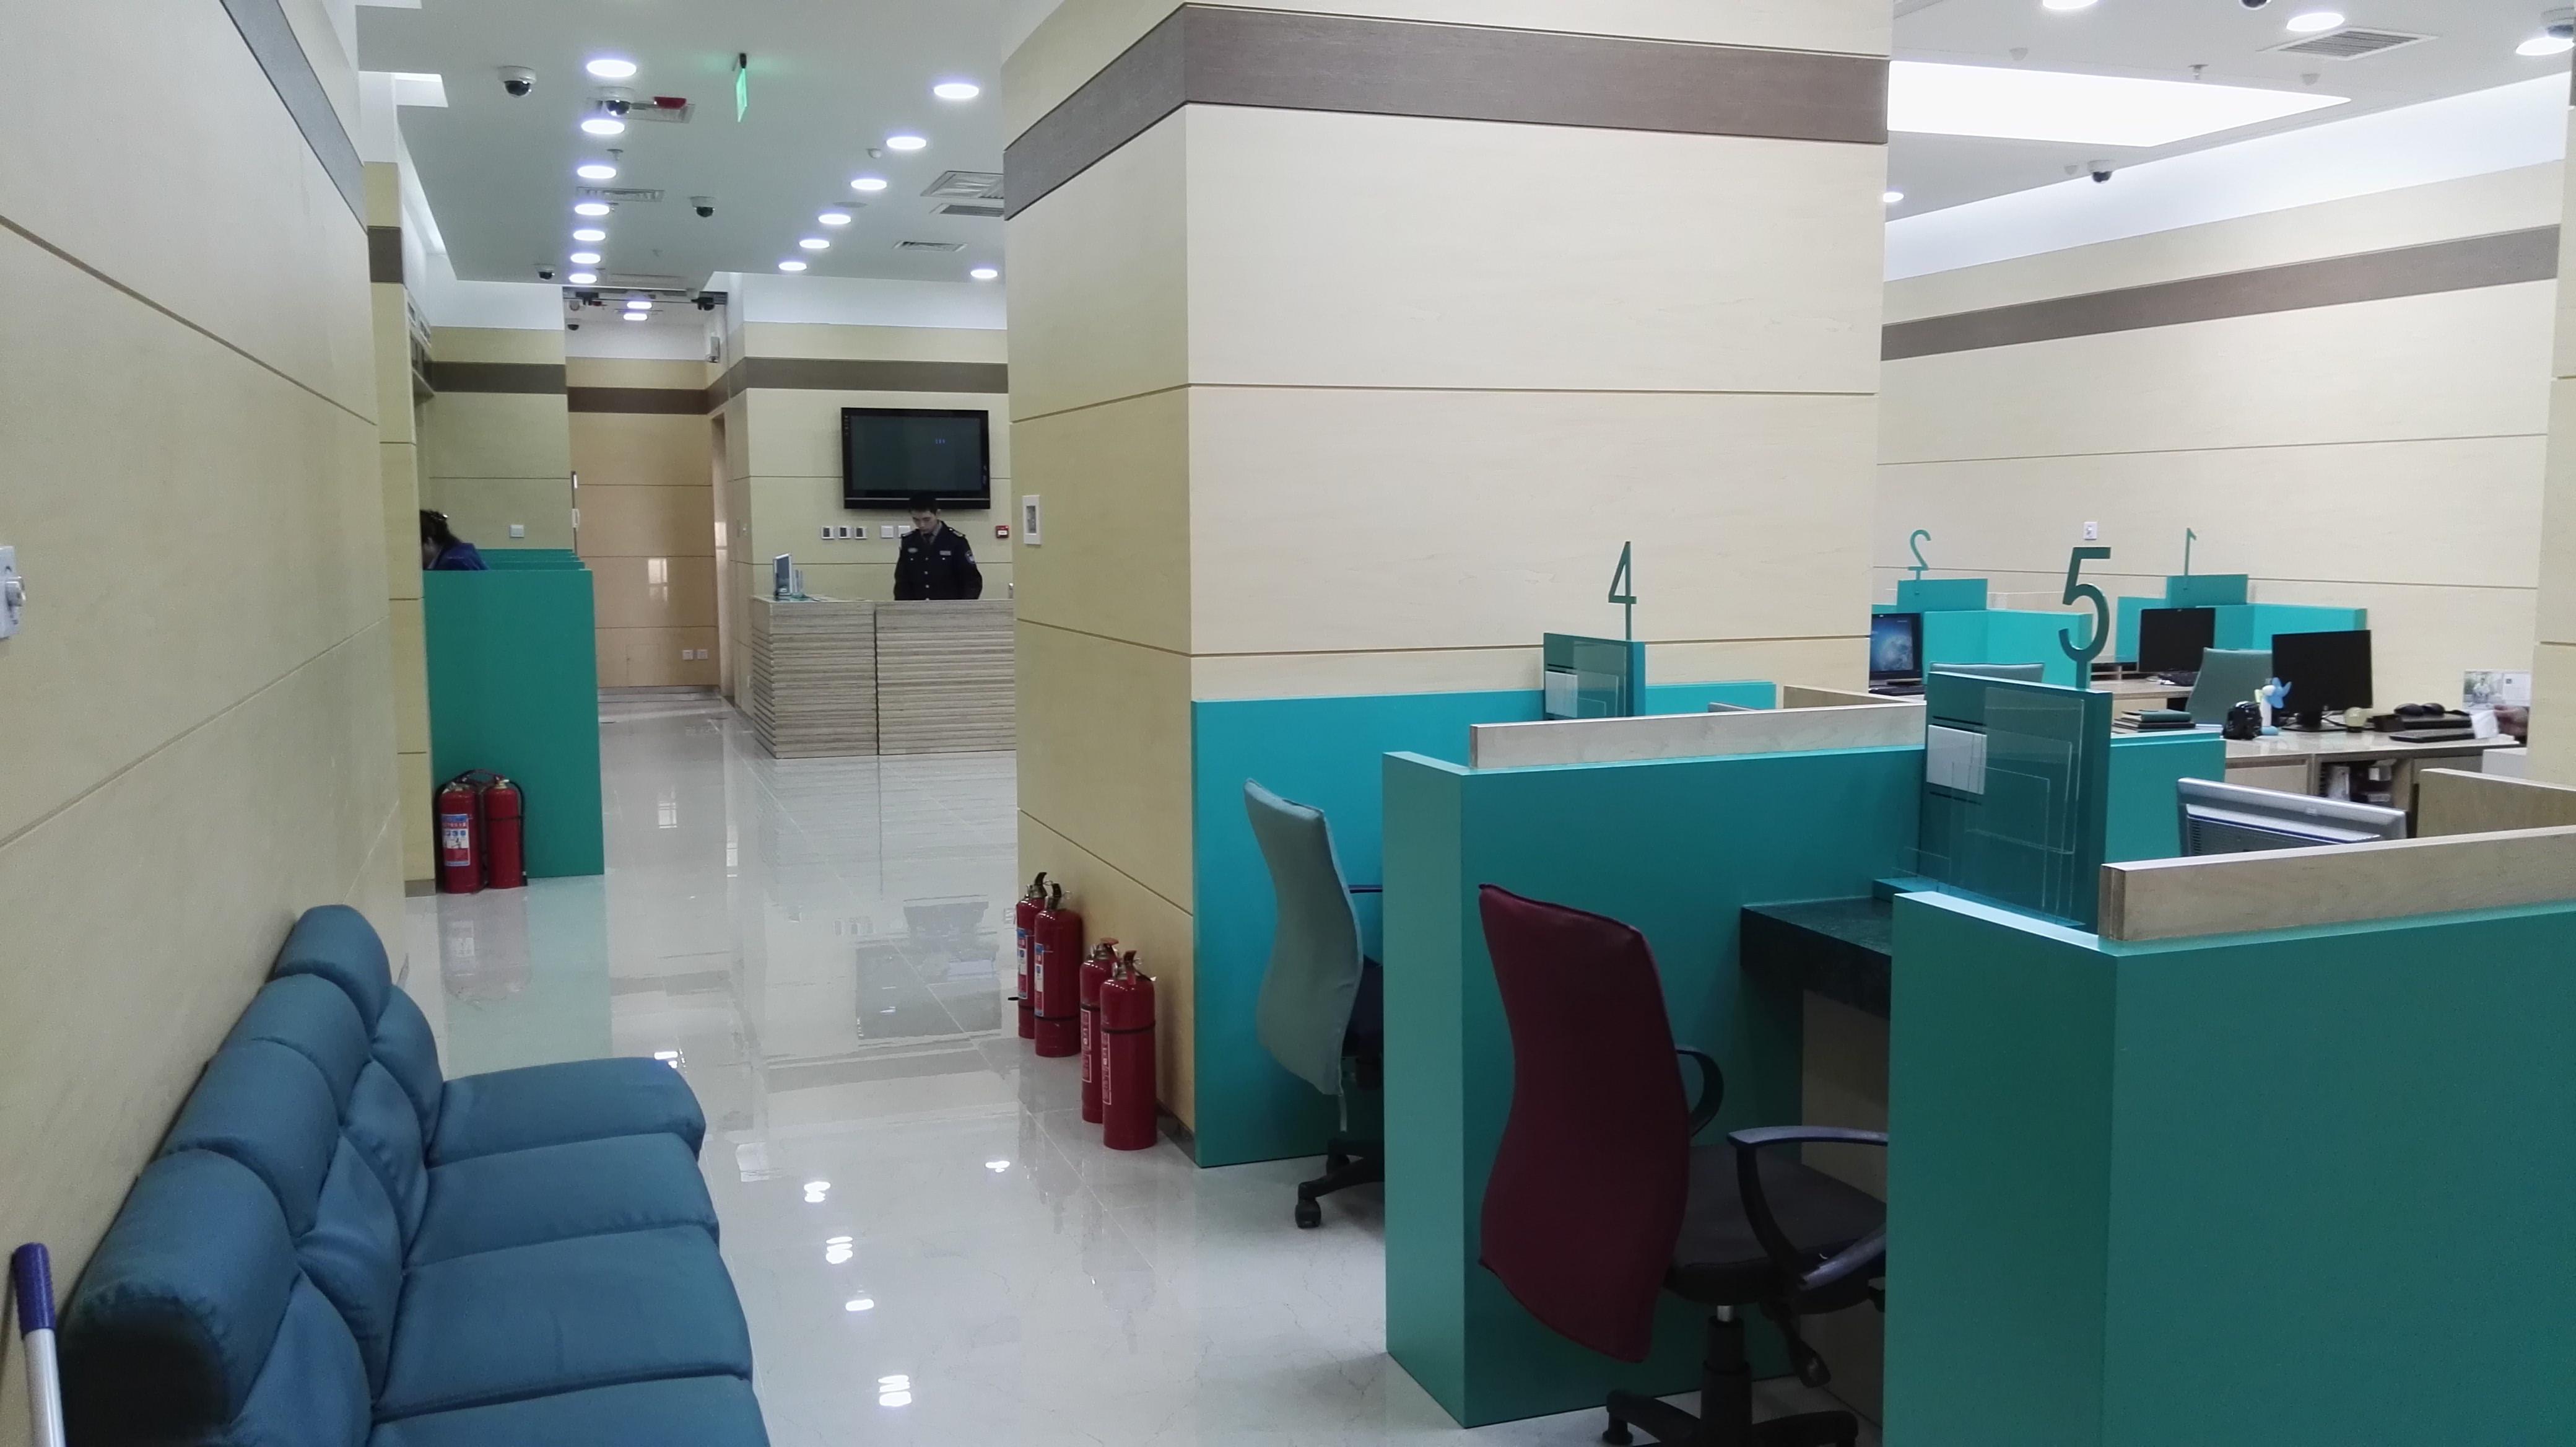 银行室内装修办事柜台